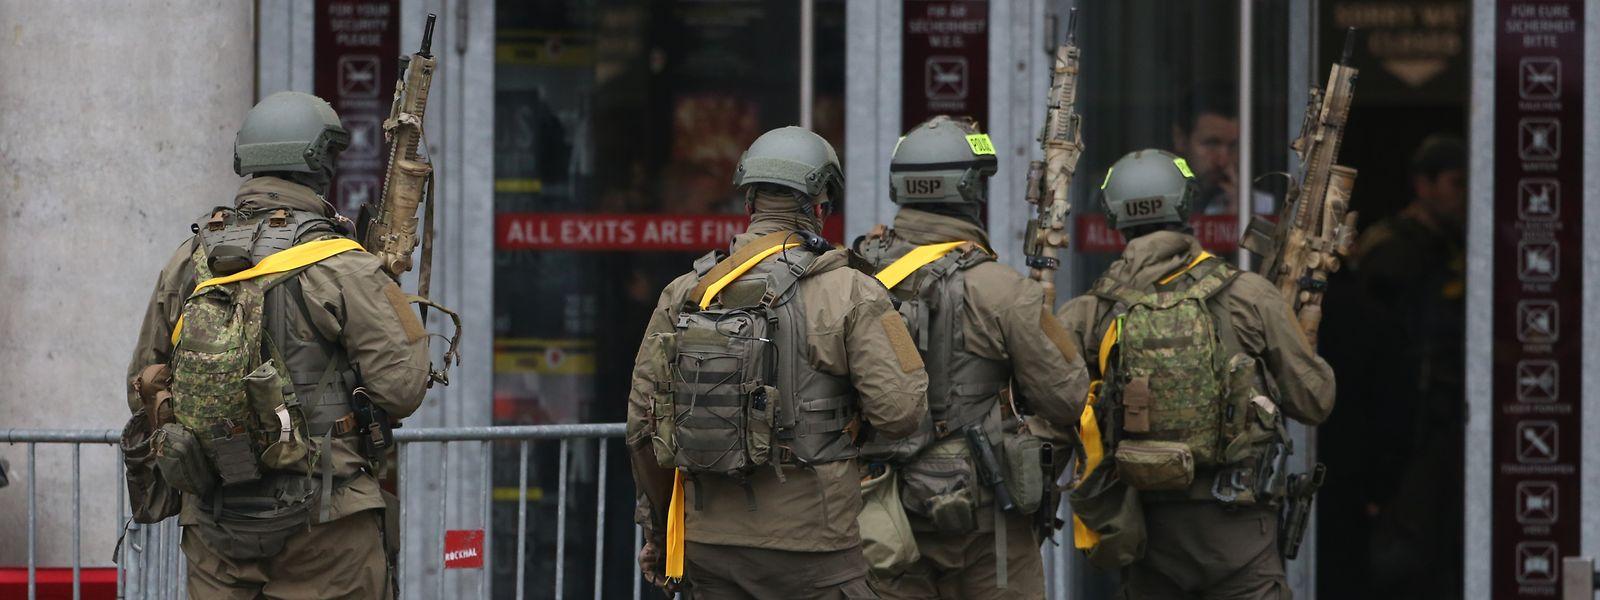 Die Ausbildung der Mitglieder des Polizei-Sondereinsatzkommandos ist sehr anspruchsvoll. Zwei Ausbilder sollen aber mehrere Grenzen überschritten haben. Das Foto entstand bei einer Antiterror-Übung der Polizei Anfang 2019 in der Rockhal.